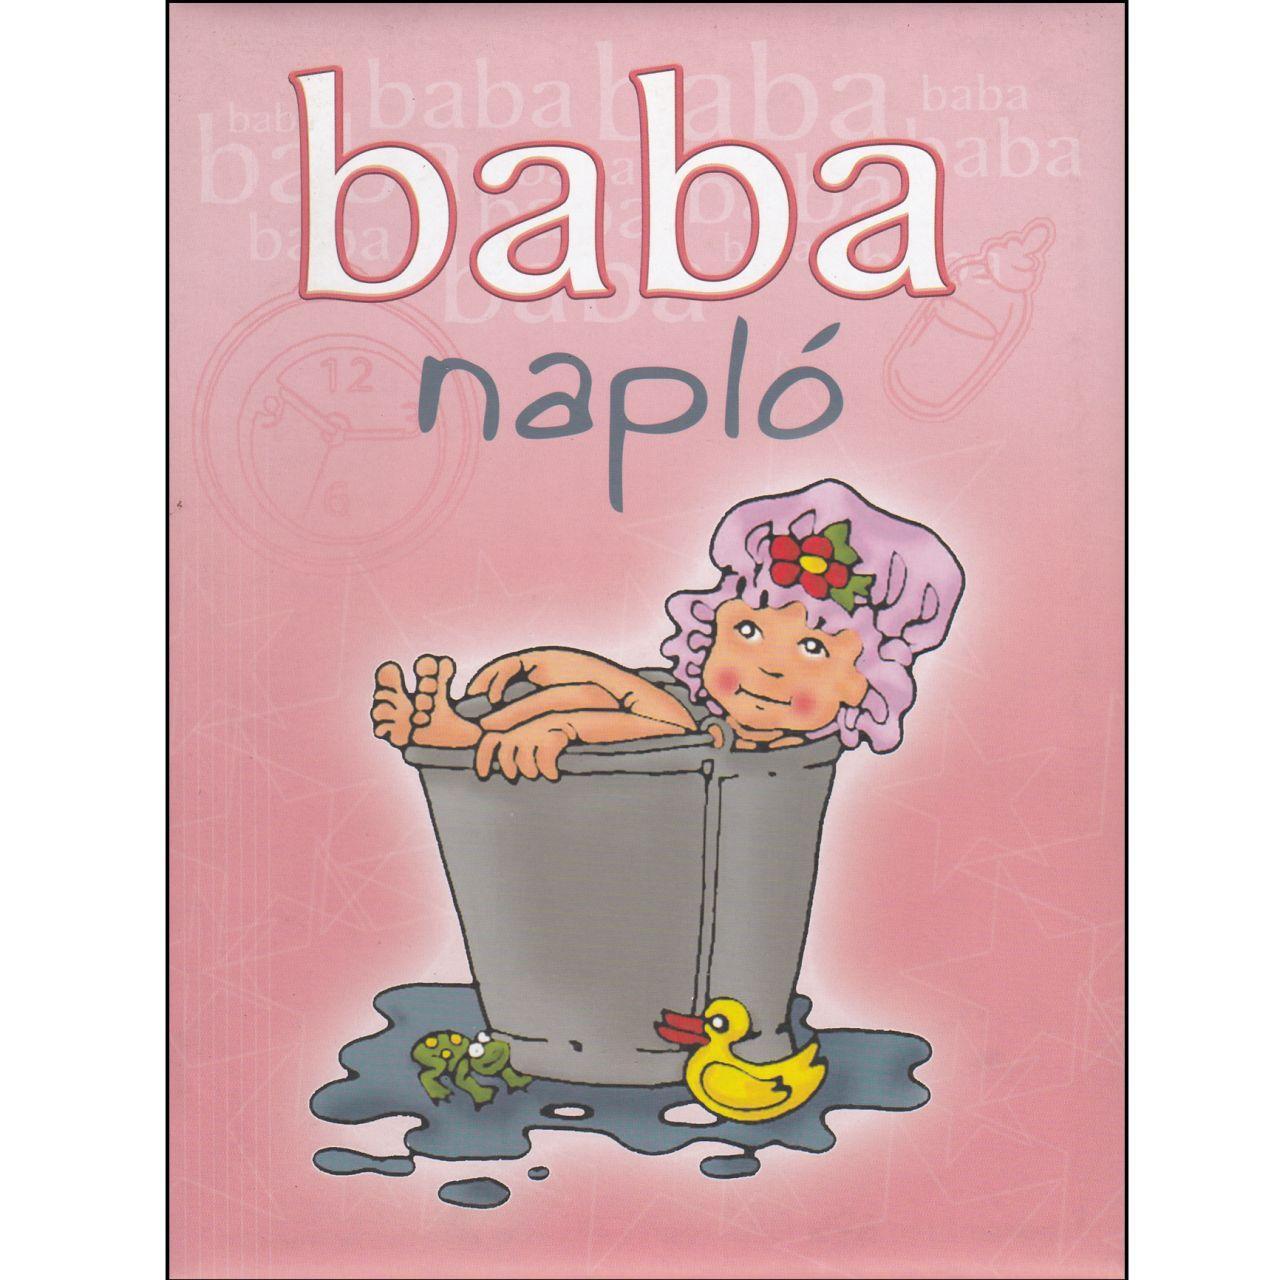 Babanapló (könyv)